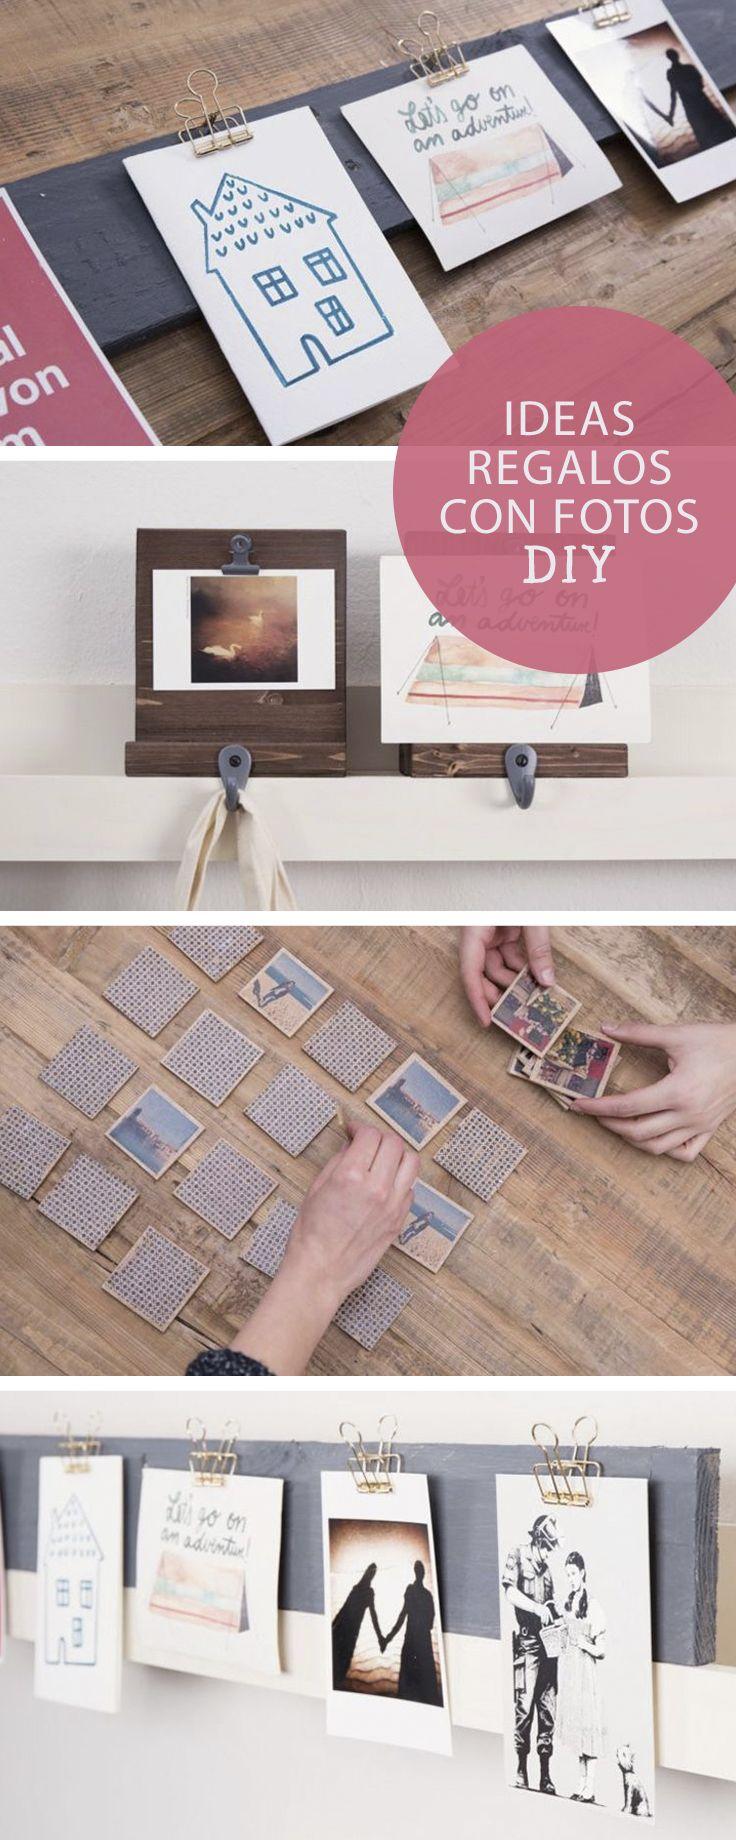 Ideas de regalos y manualidades con fotos en DaWanda.es #DIY #doityourself #hechoamano #handmade #manualidades #fotos #marcos #frame #pictureframe #regalos #gifts #inspiracion #inspiration #deco #decoration #minimalista #minimal #posavasos #coaster #DaWanda